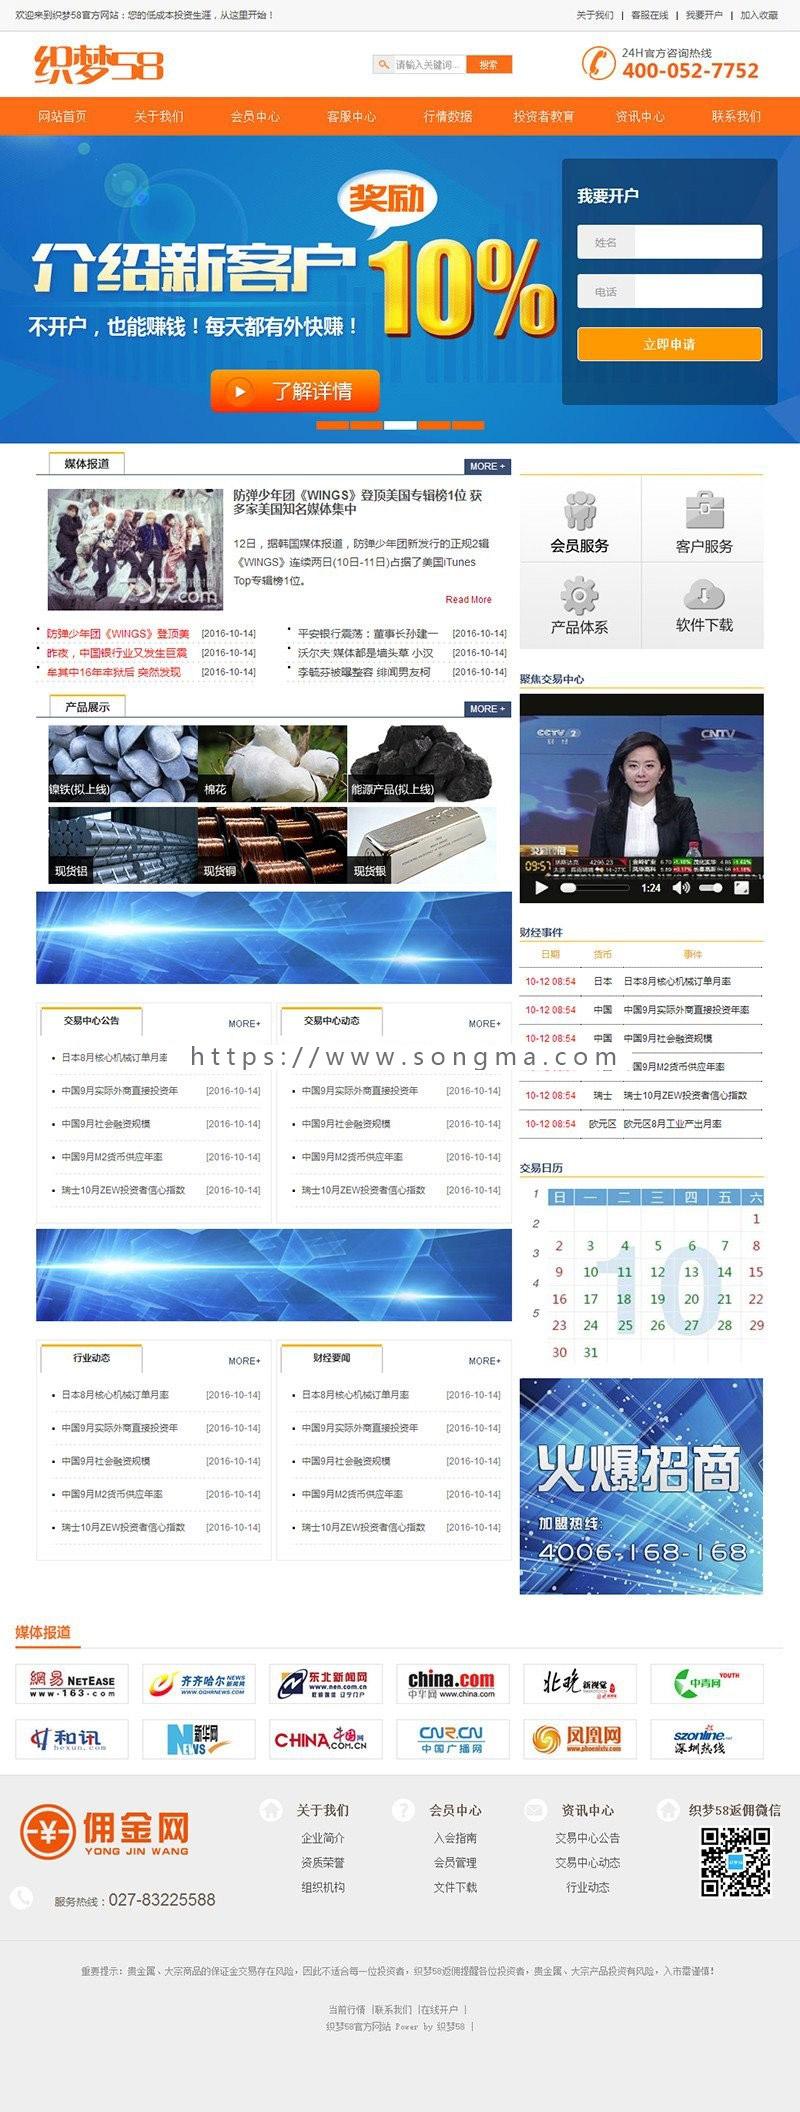 《新版》高端运营版大气通用织梦营销型服务设备类公司黄金白银大宗商品网站织梦dedecm